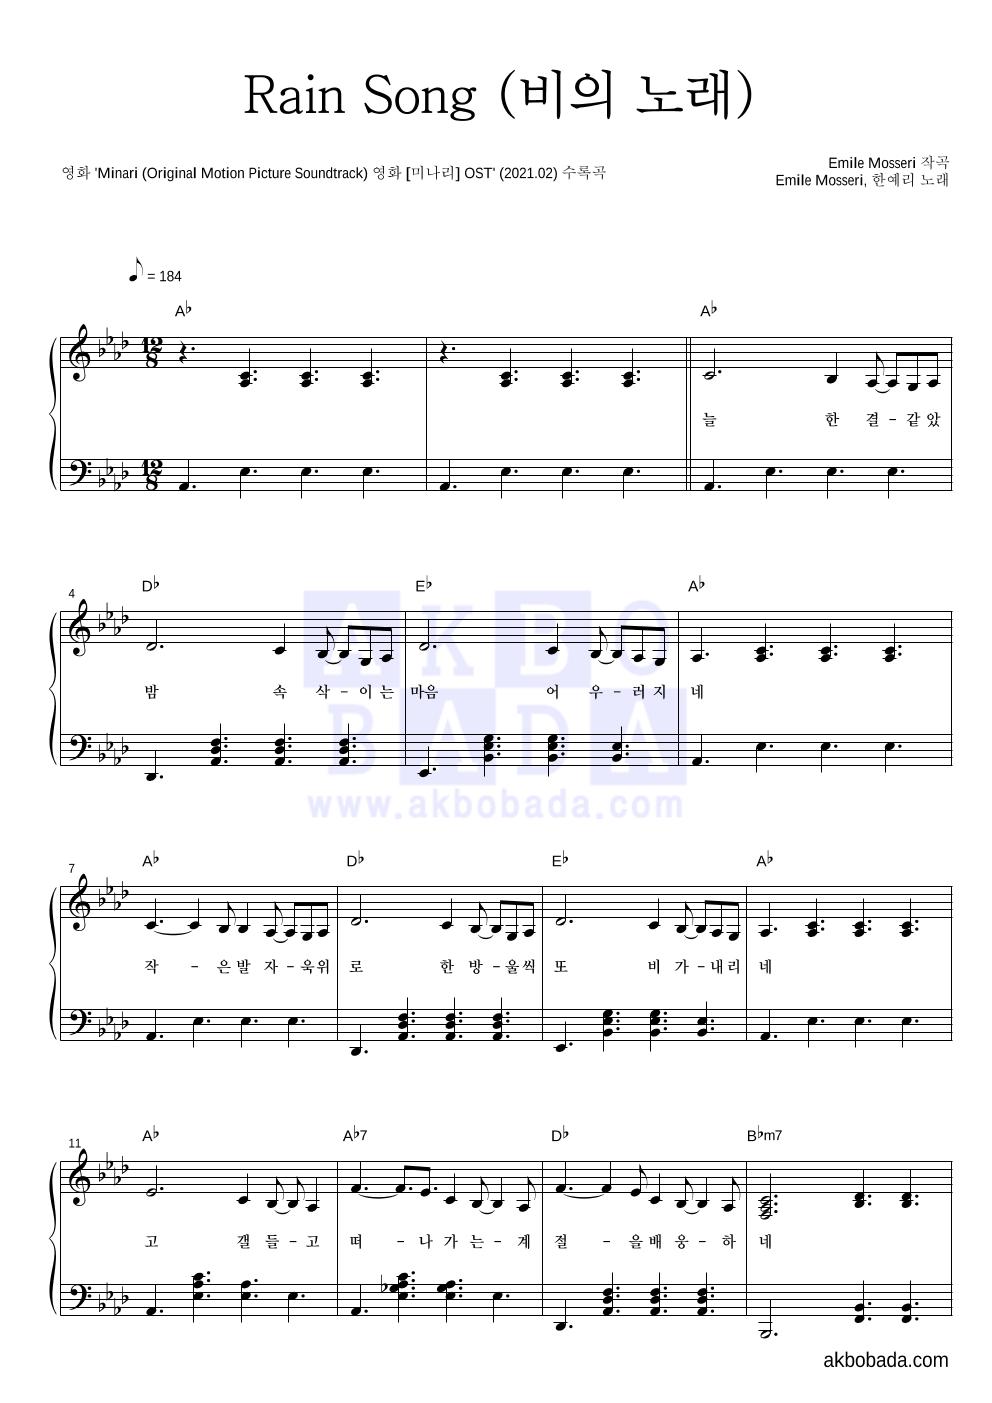 Emile Mosseri,한예리 - Rain Song(비의 노래) 피아노 2단 악보